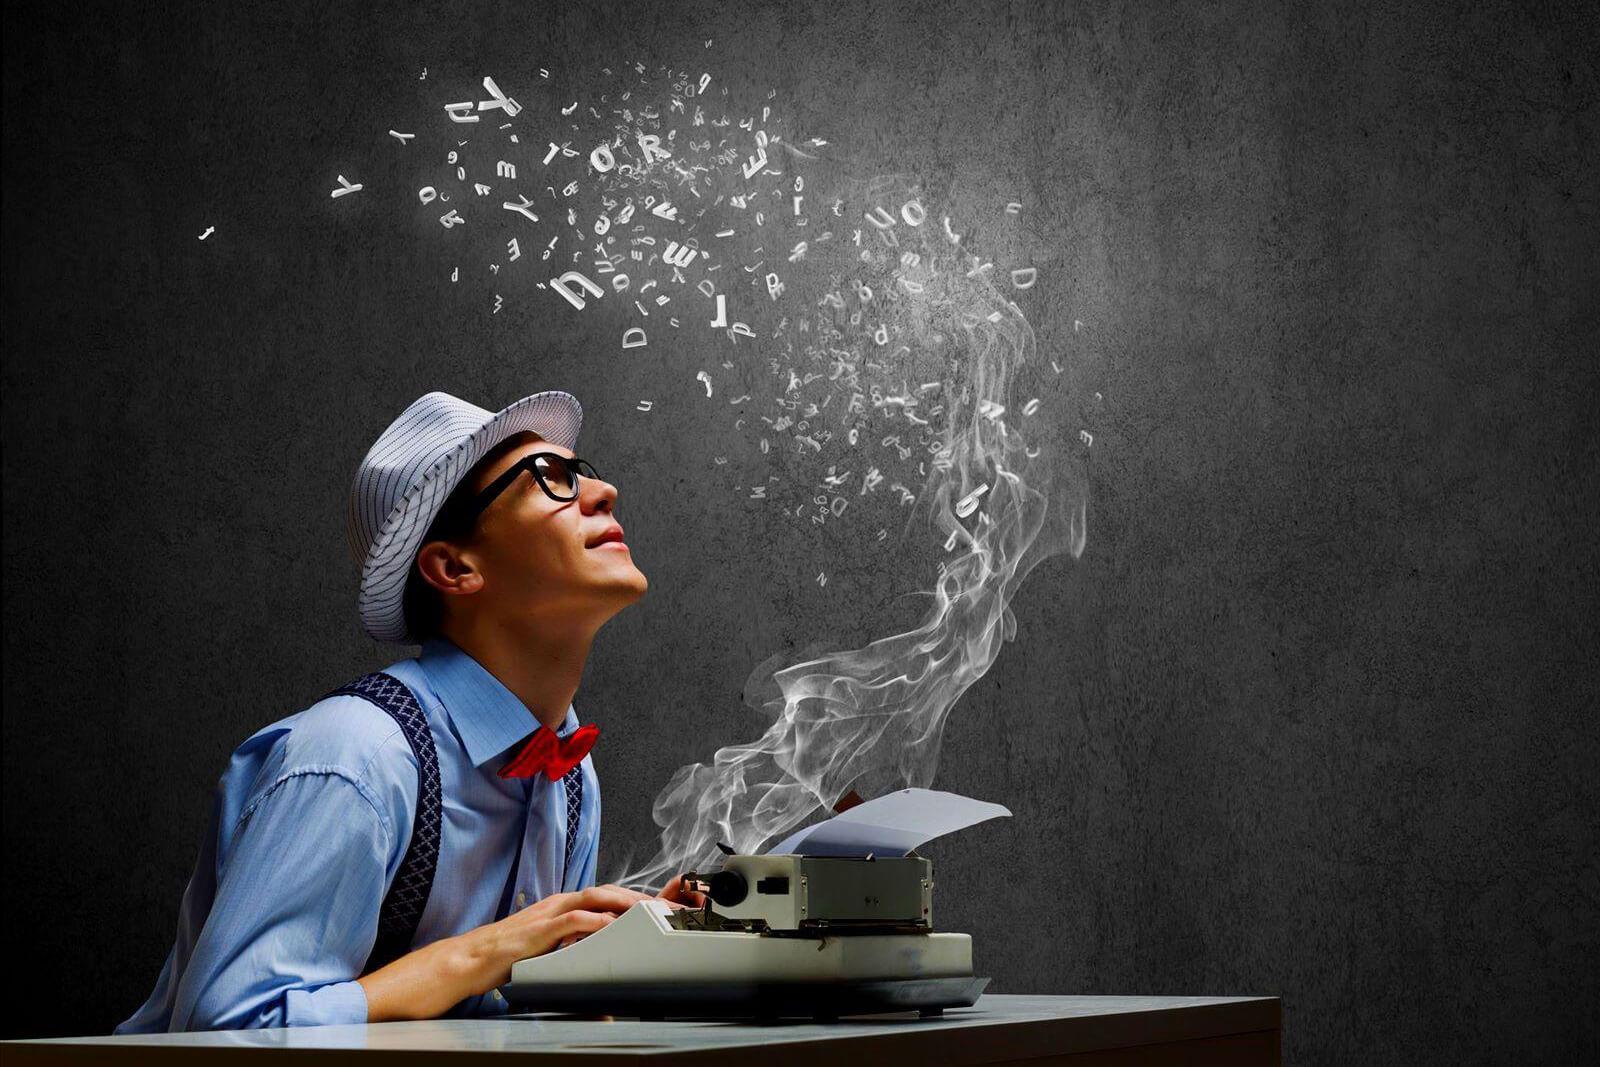 Как создать свой блог и зарабатывать на нем деньги